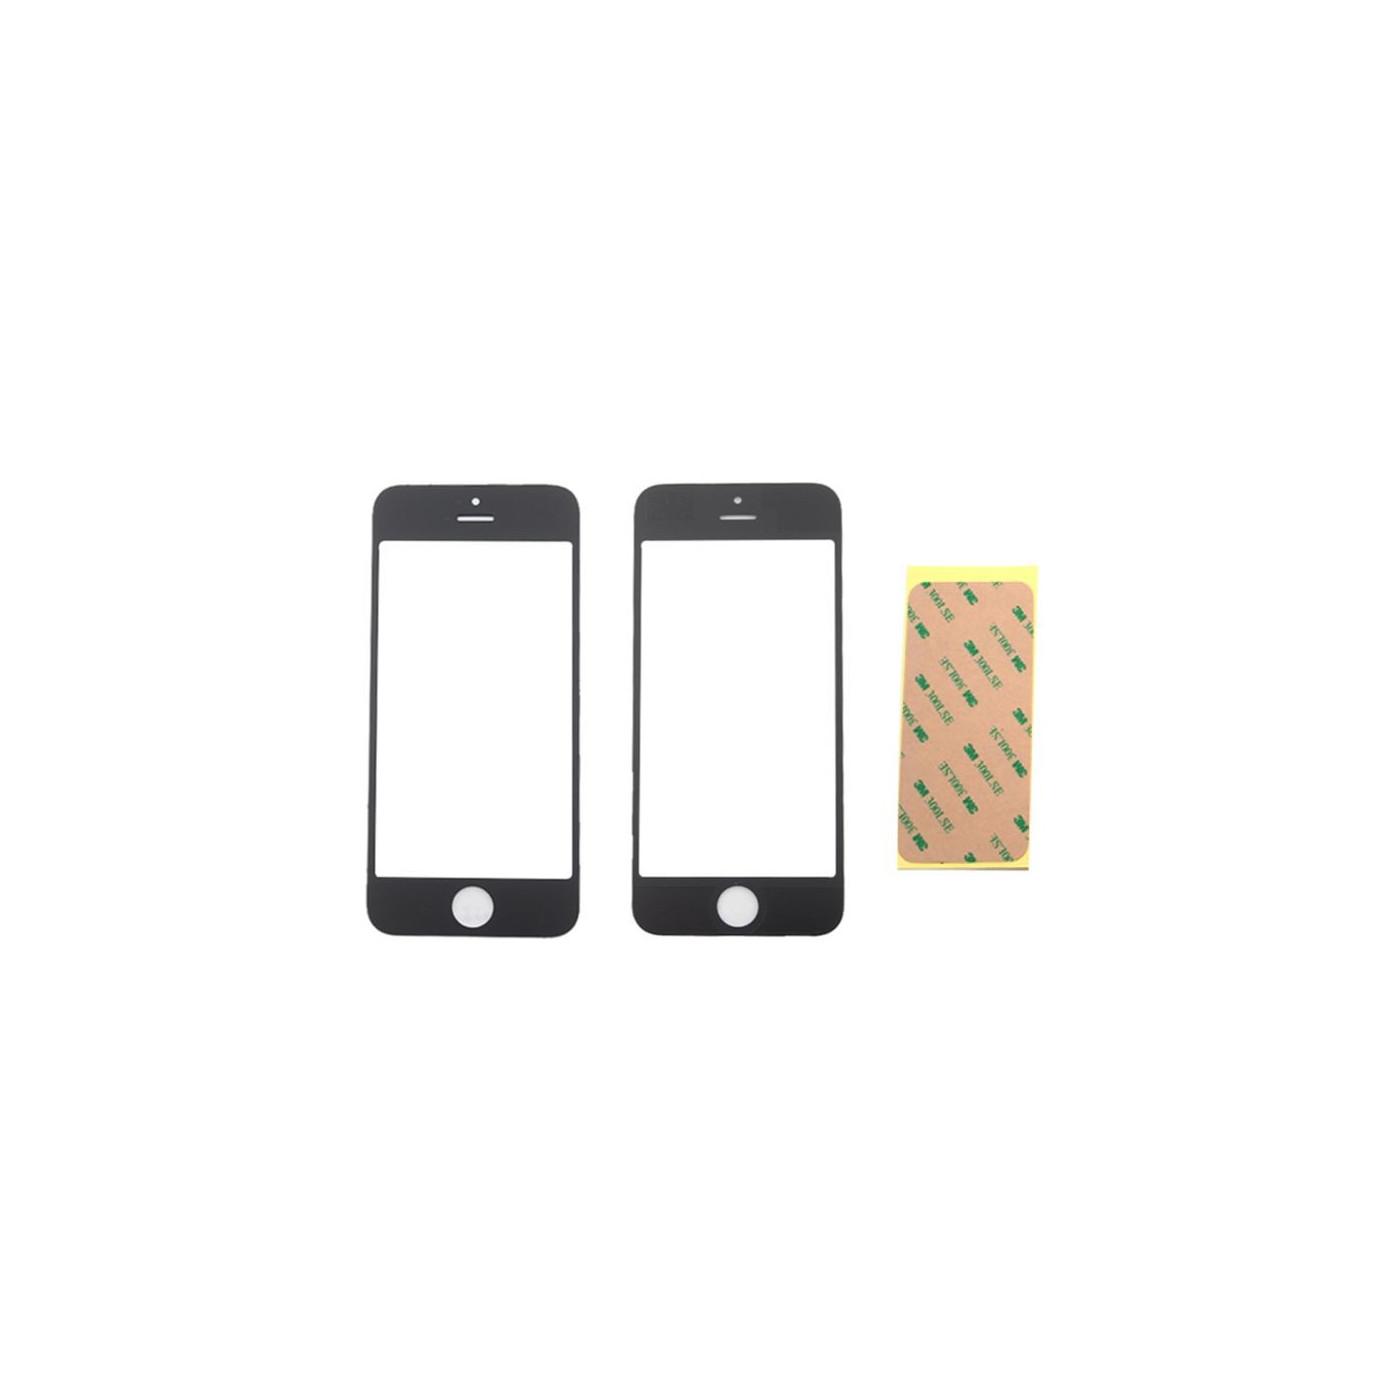 Vetrino vetro iphone 5 5s 5c nero schermo touch anteriore frontale + adesivo